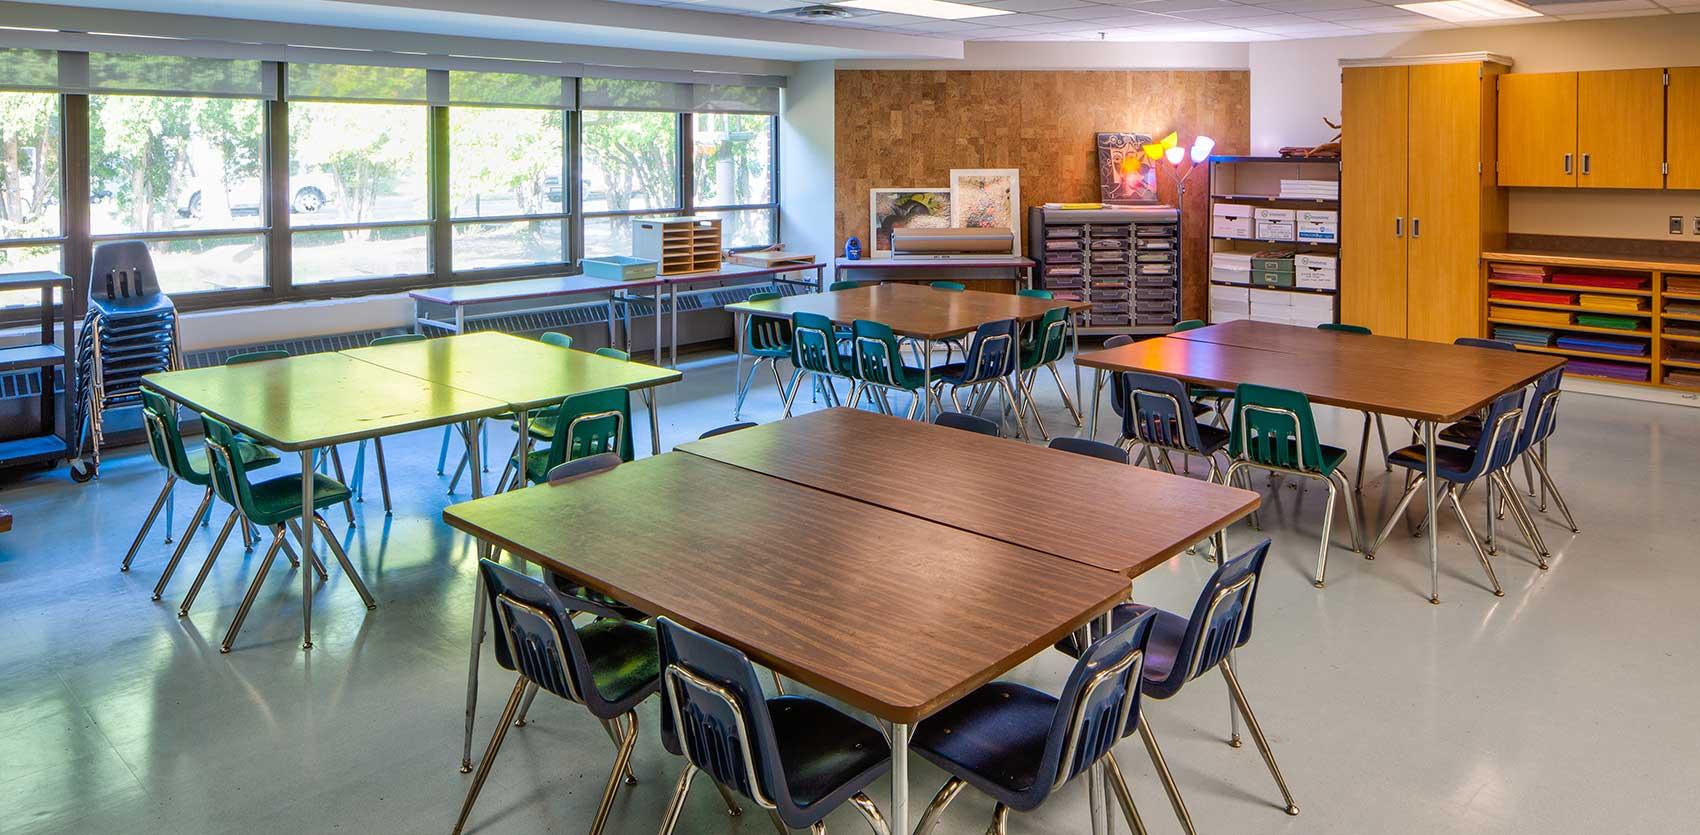 Ericsson-Elementary-School-2